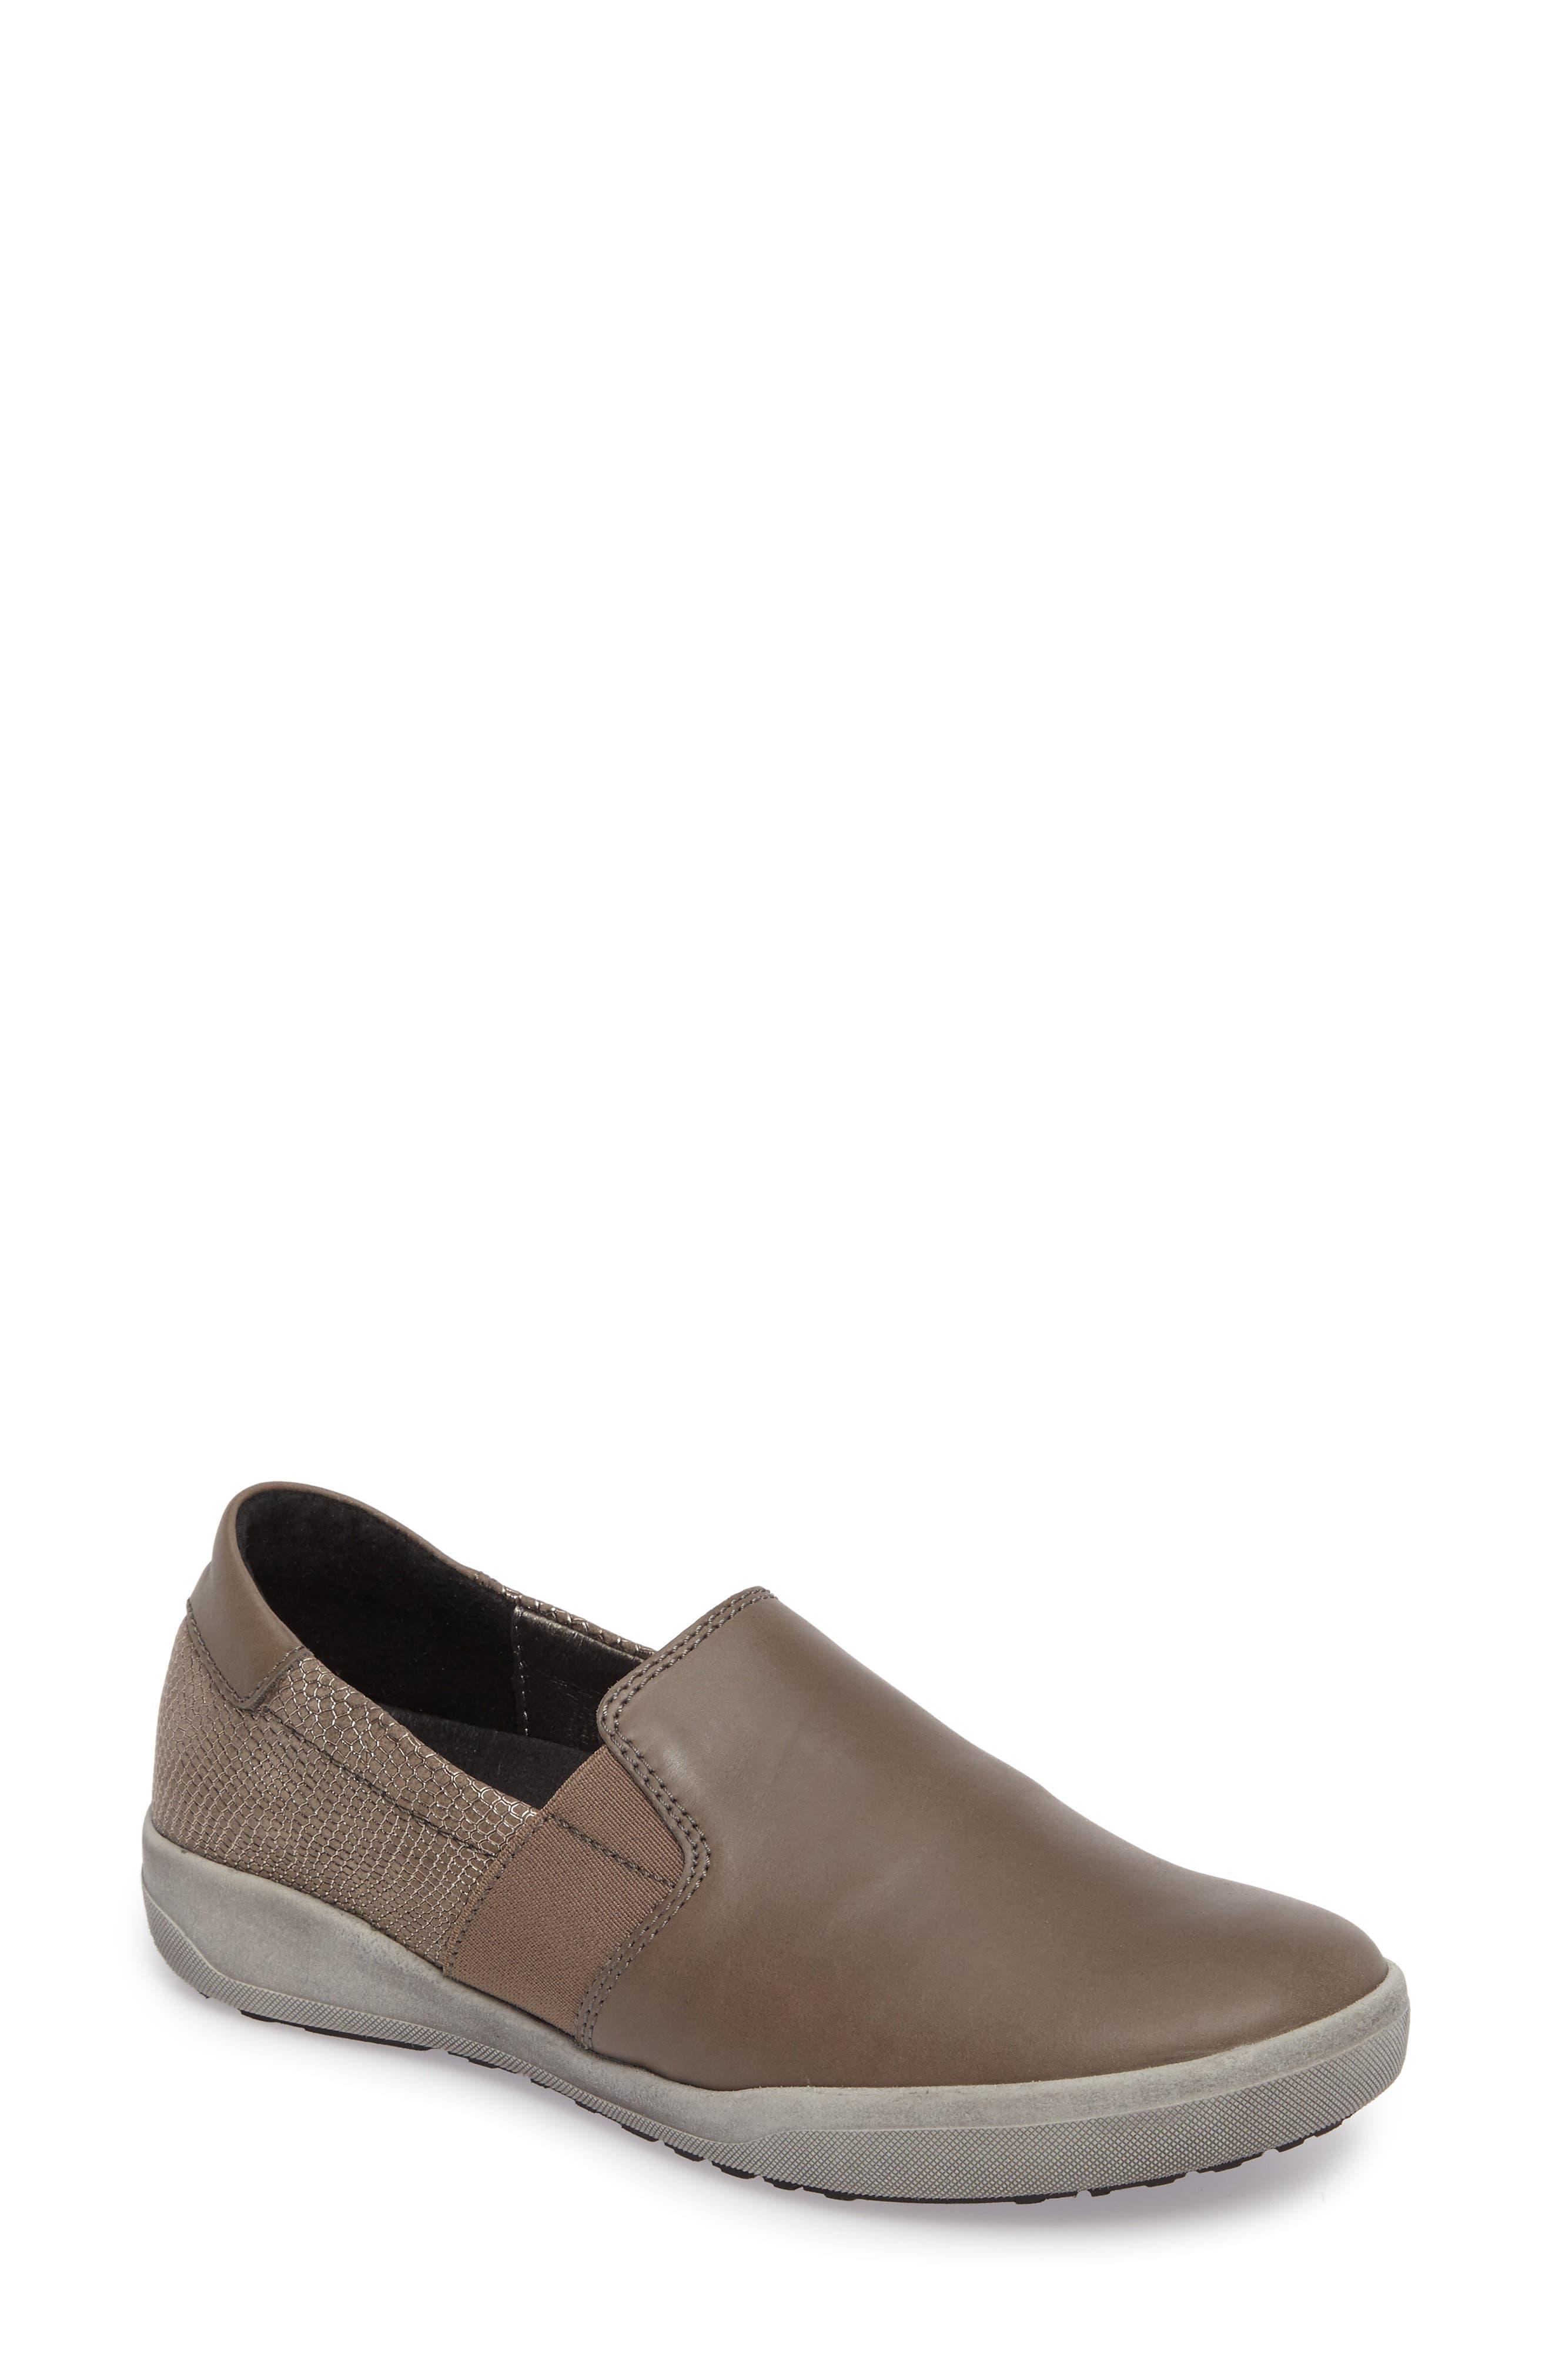 Josef Seibel Sina 19 Slip-On Sneaker (Women)